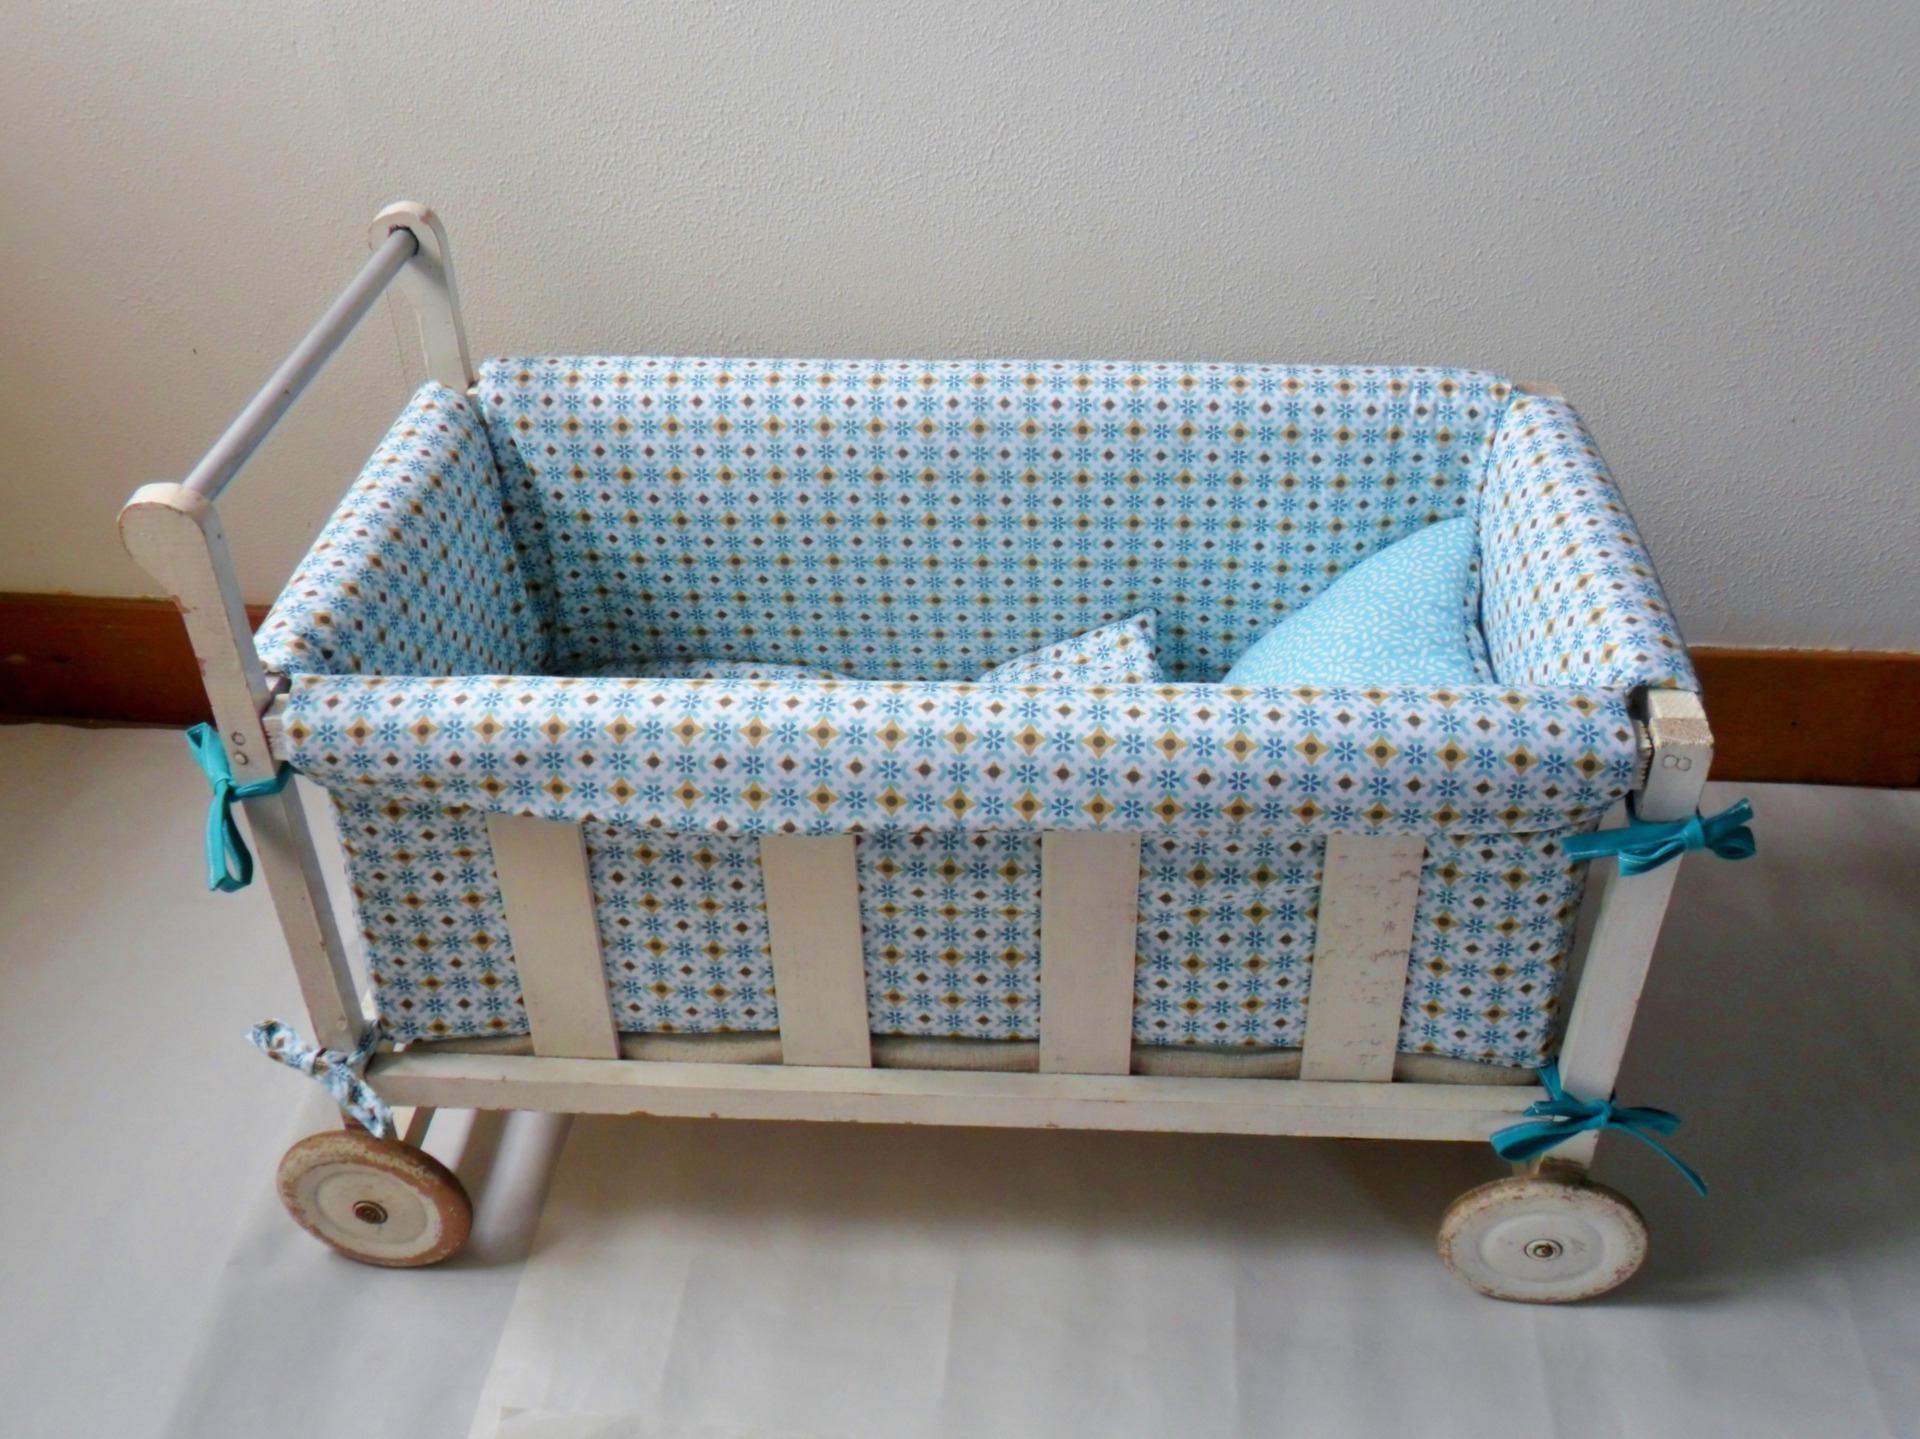 lit de poup e vintage lit roulotte ancien en bois avec. Black Bedroom Furniture Sets. Home Design Ideas